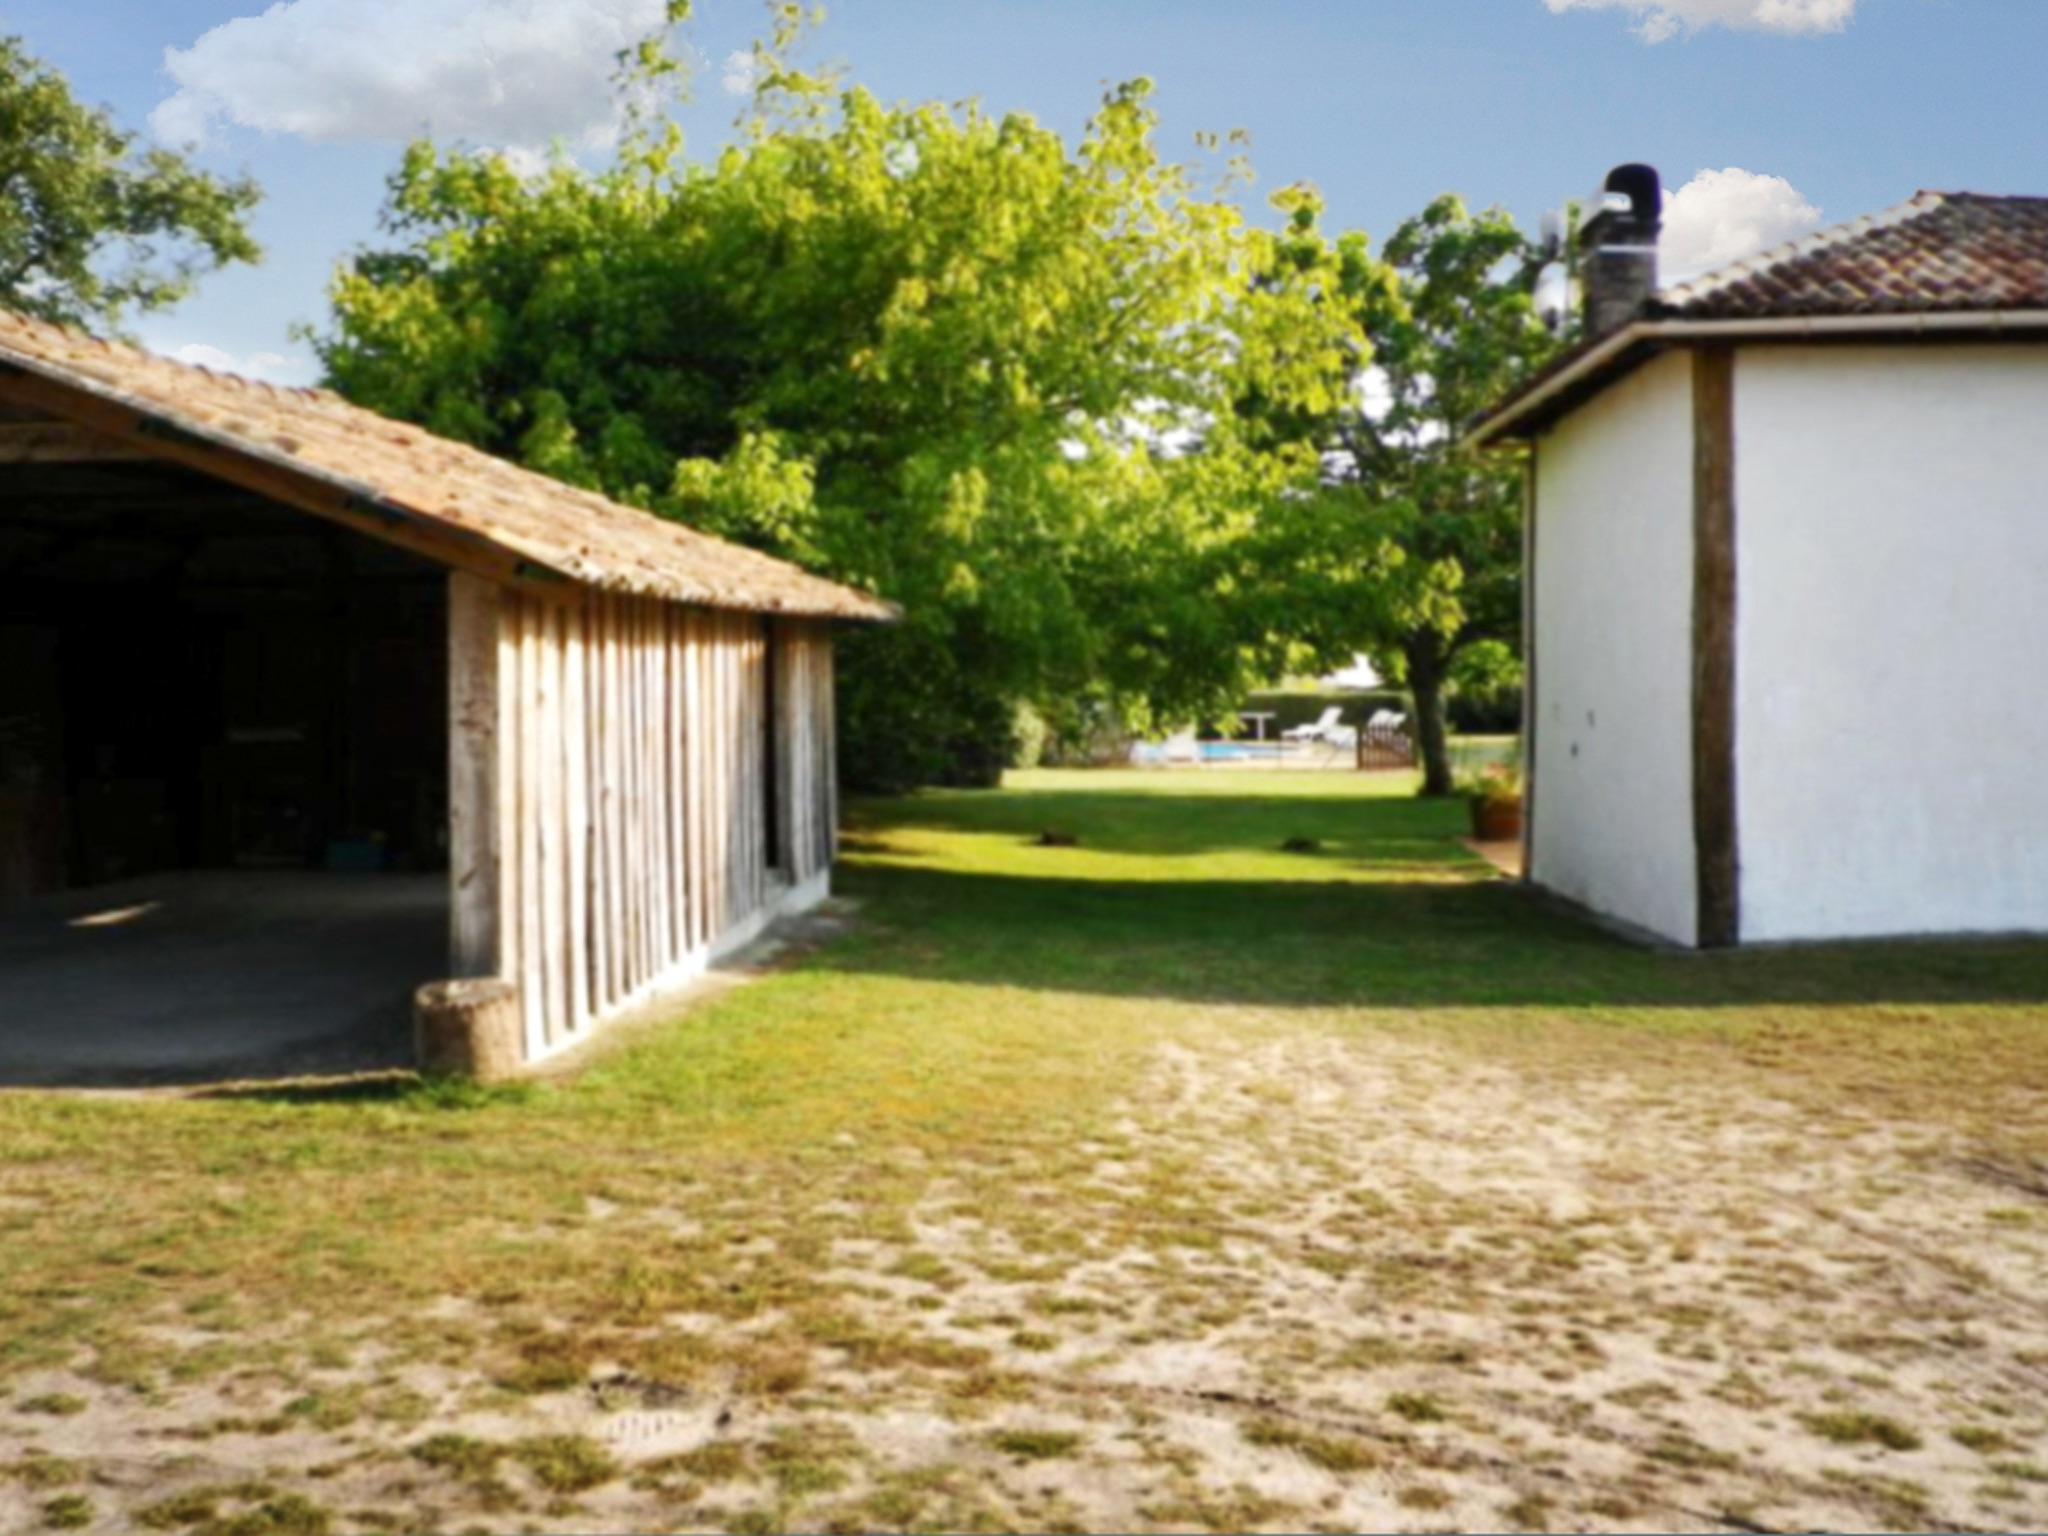 Ferienhaus Villa mit 4 Zimmern in Trensacq mit privatem Pool und möbliertem Garten - 45 km vom Strand (2202366), Trensacq, Landes, Aquitanien, Frankreich, Bild 22